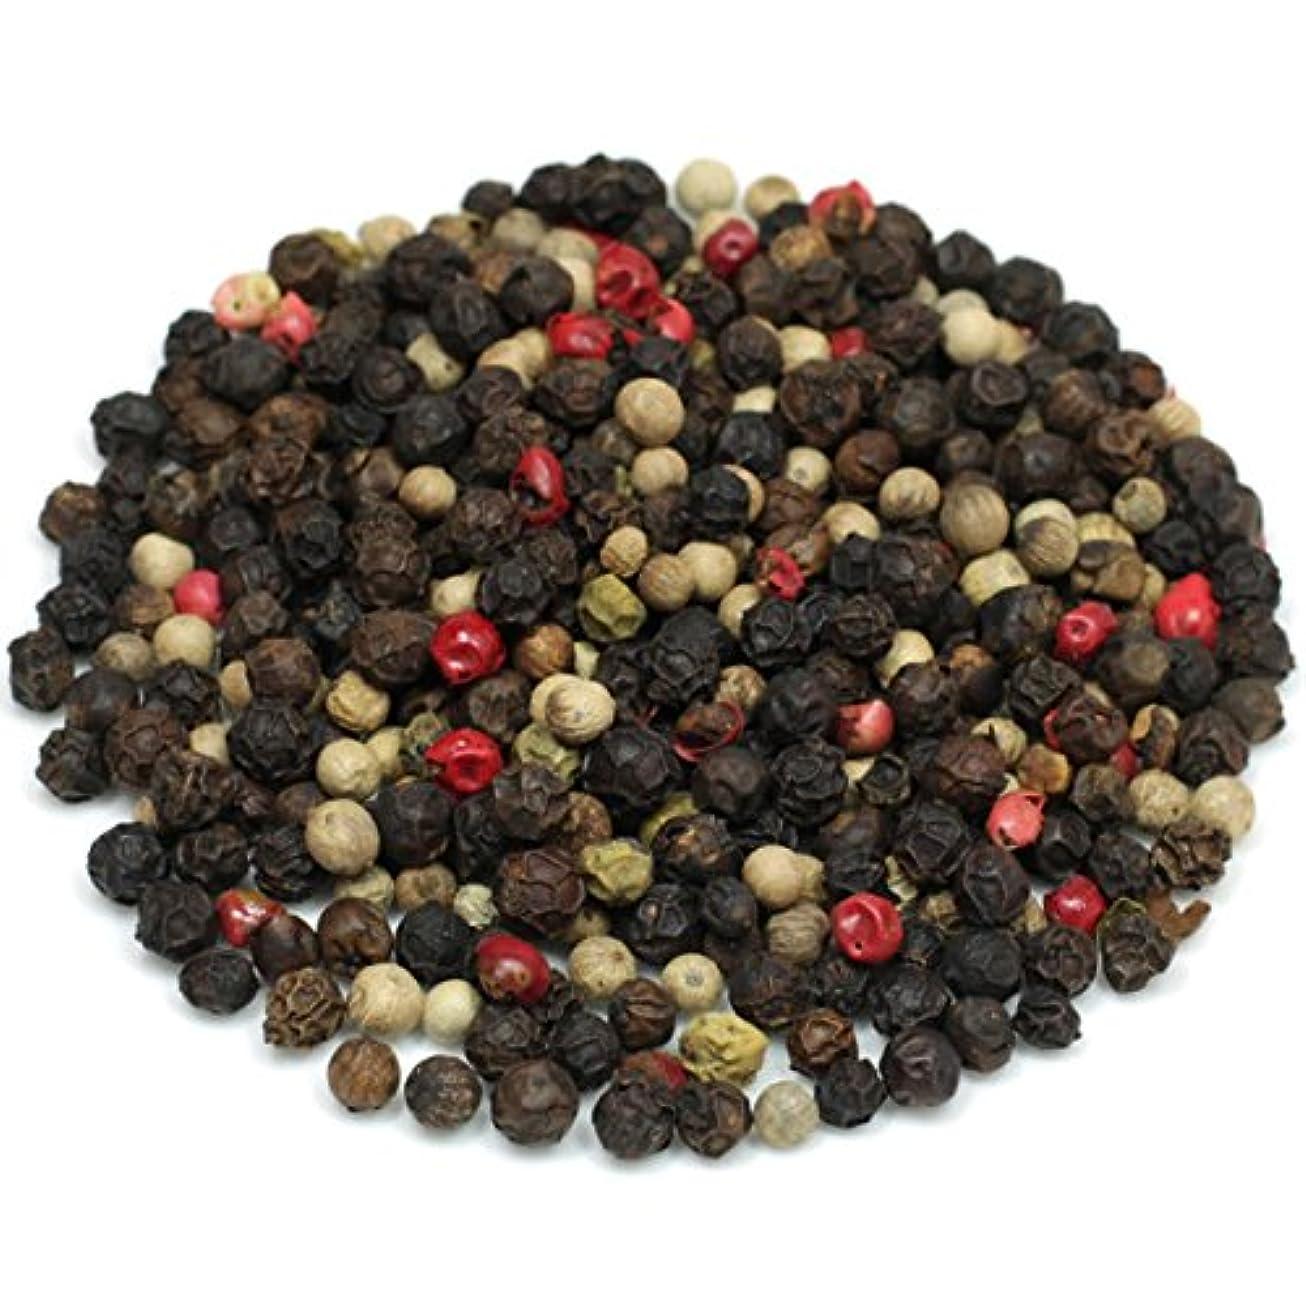 アイロニー洗練された定刻Herbs :レインボーPepper、全体( Organic )